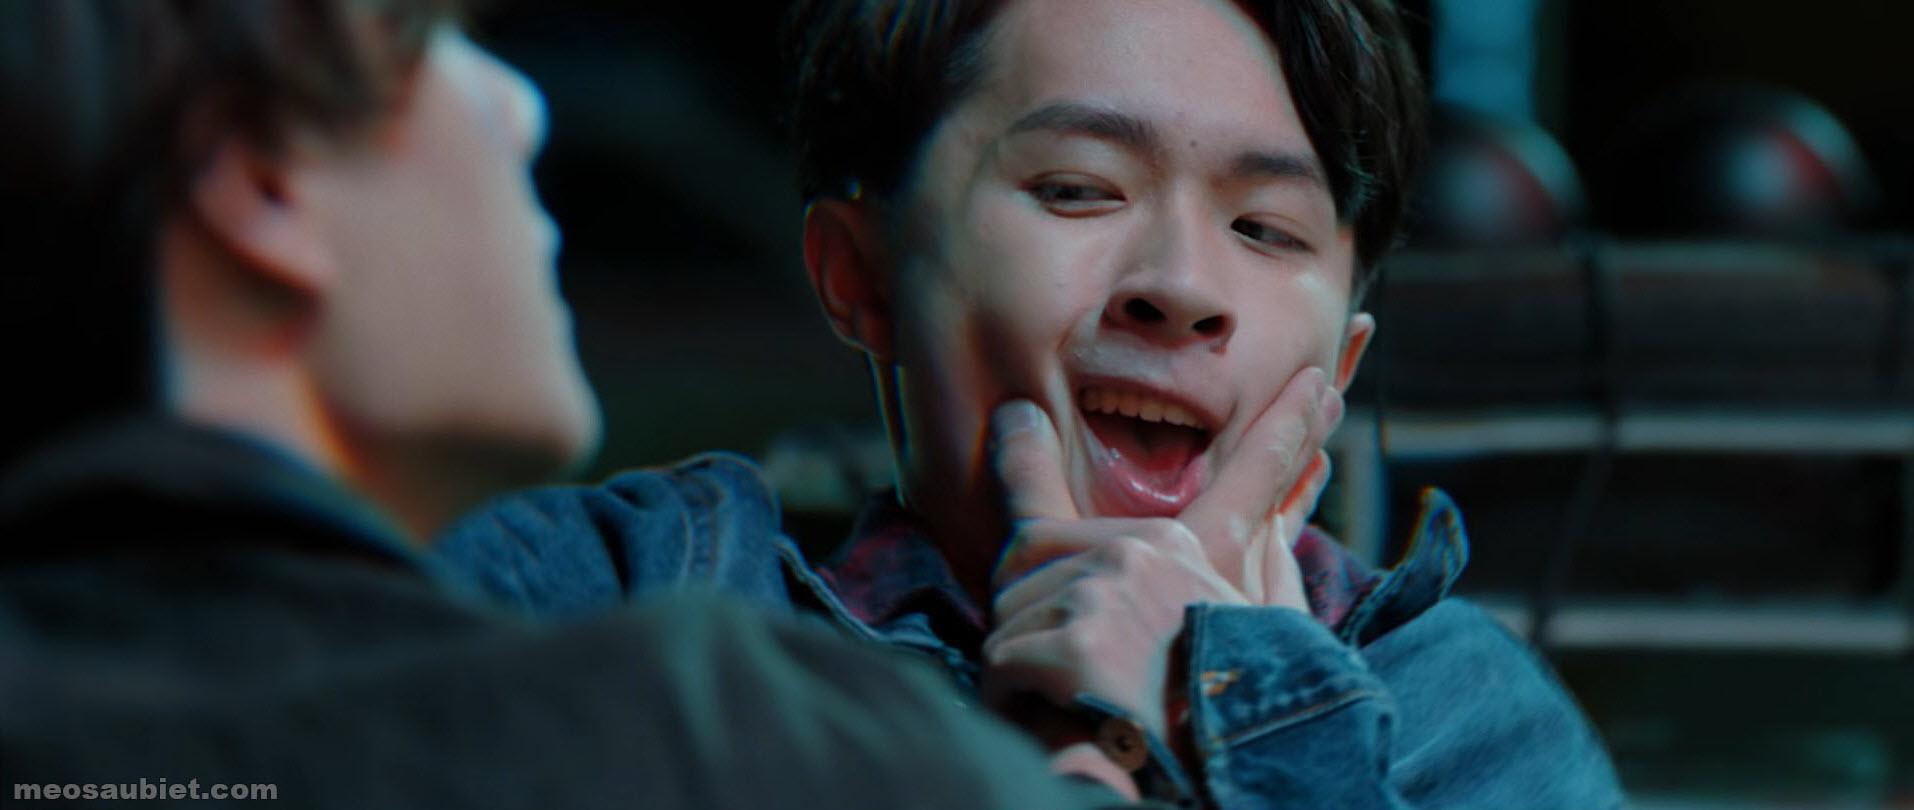 Người bạn kỳ quái của tôi 2020 Trương Dật Kiệt trong vai Đoan Mộc Hạo